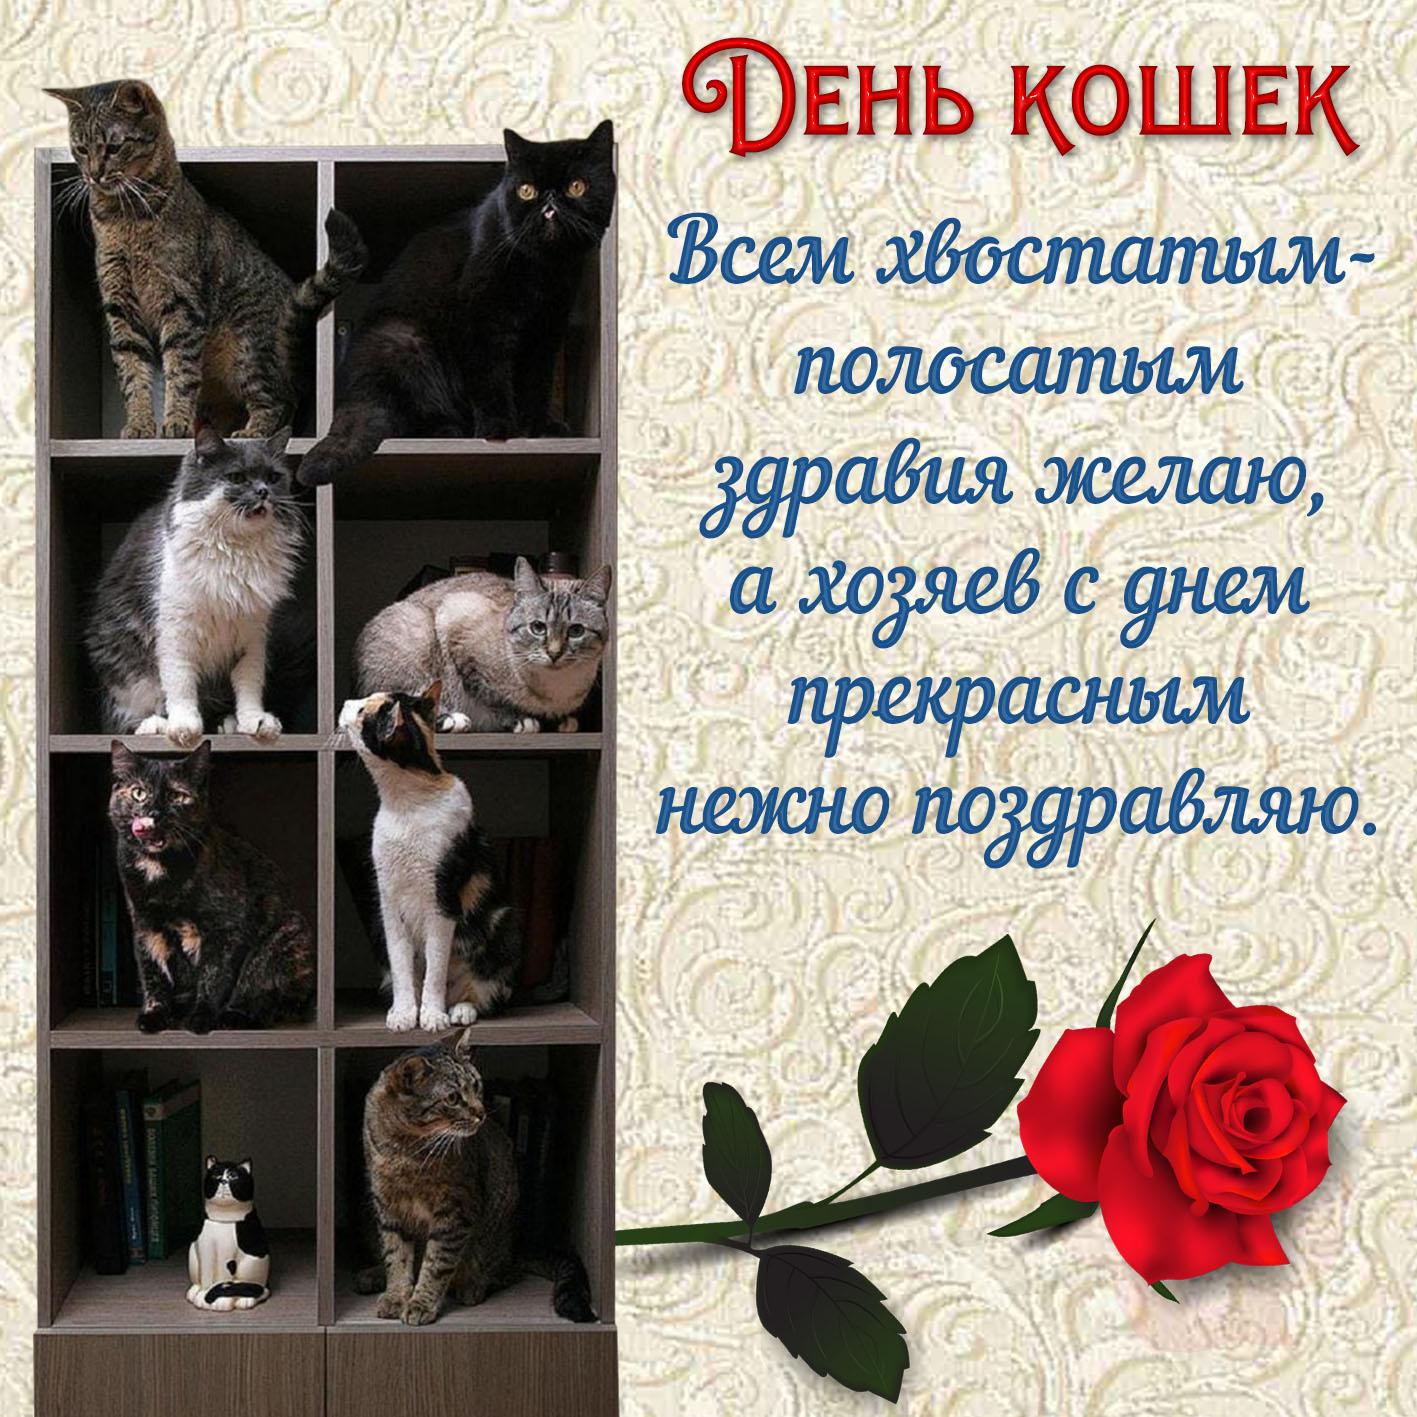 Всемирным днем кошек открытки